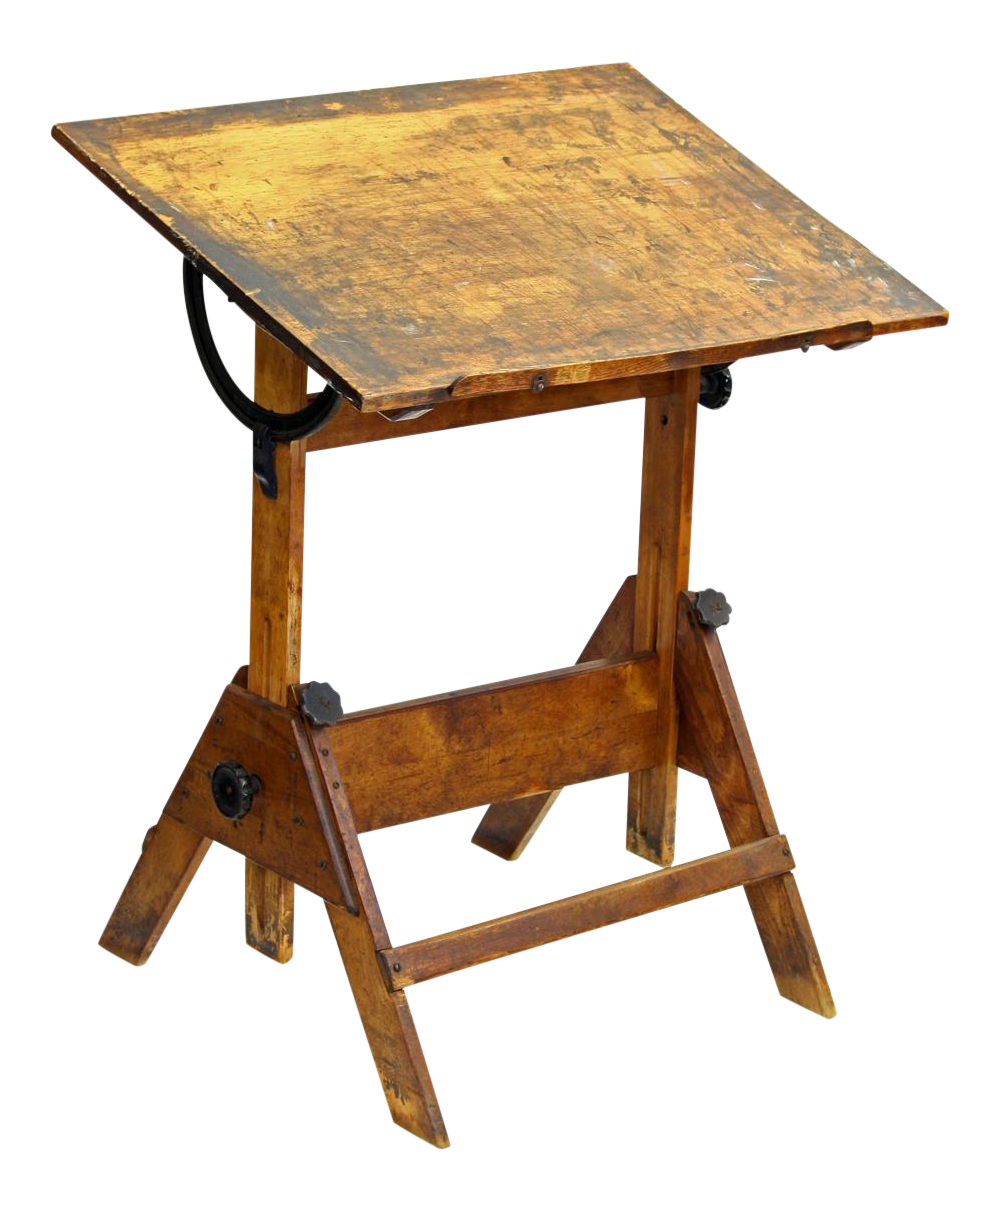 Delightful Vintage Adjustable Height Drafting Table